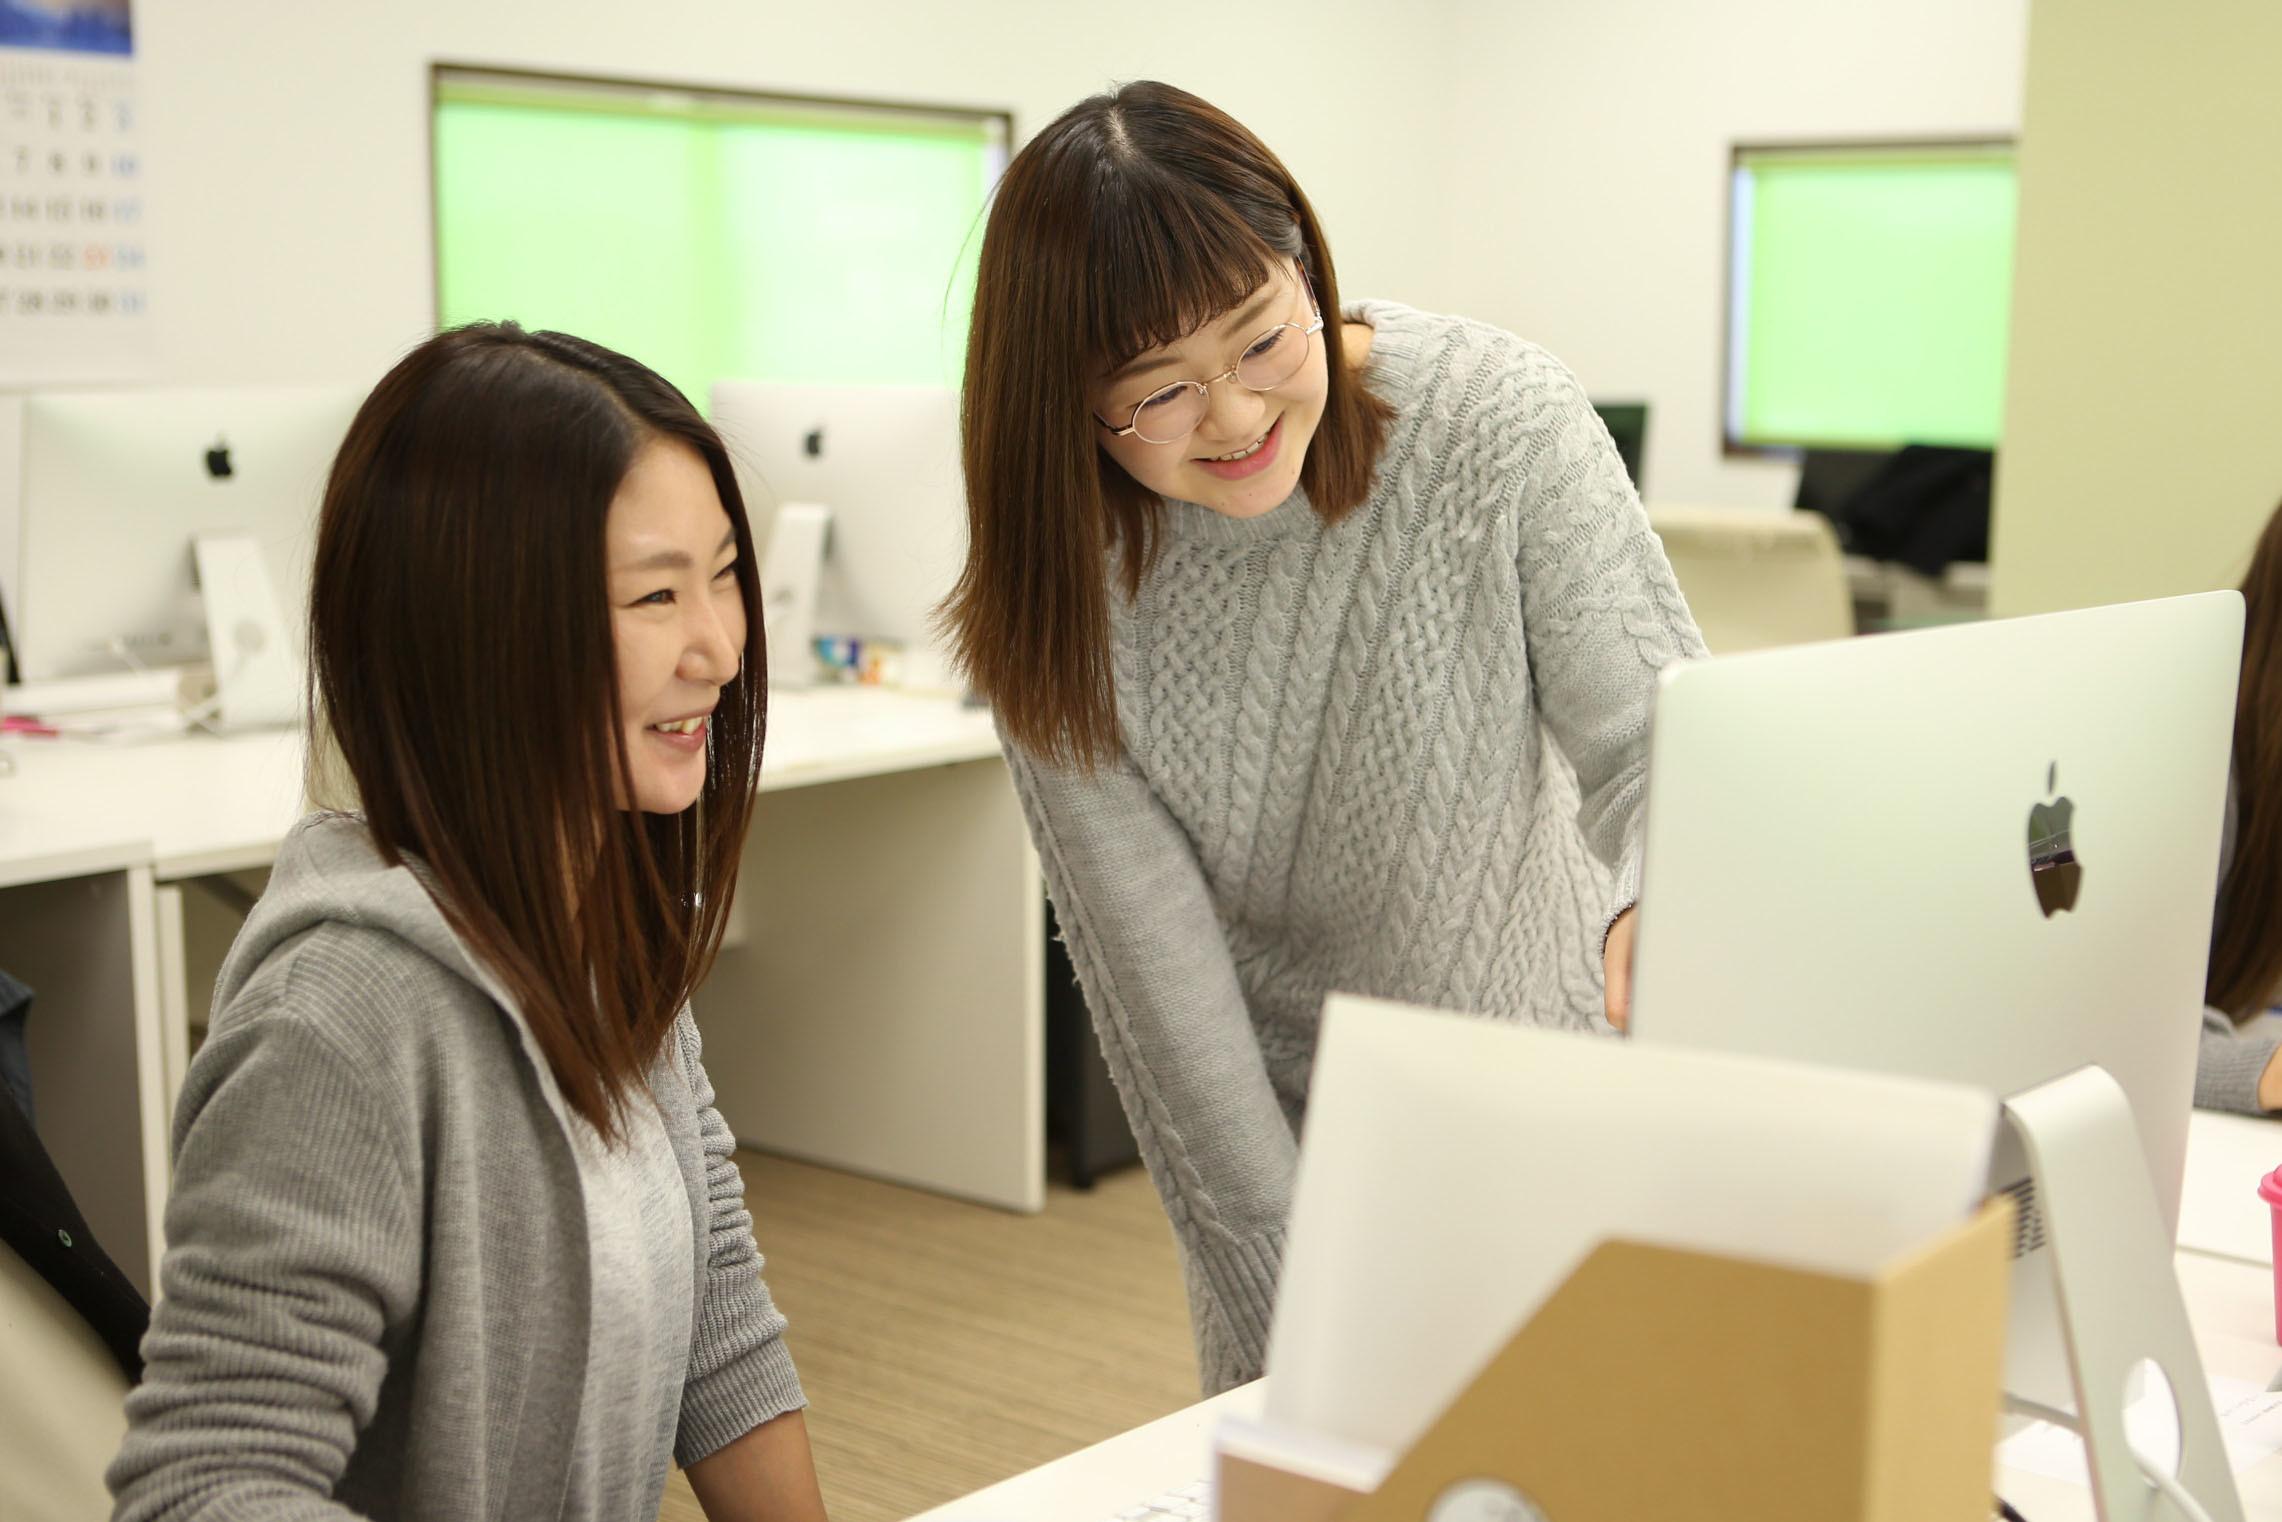 株式会社バンテック 栃木ショールーム のアルバイト情報